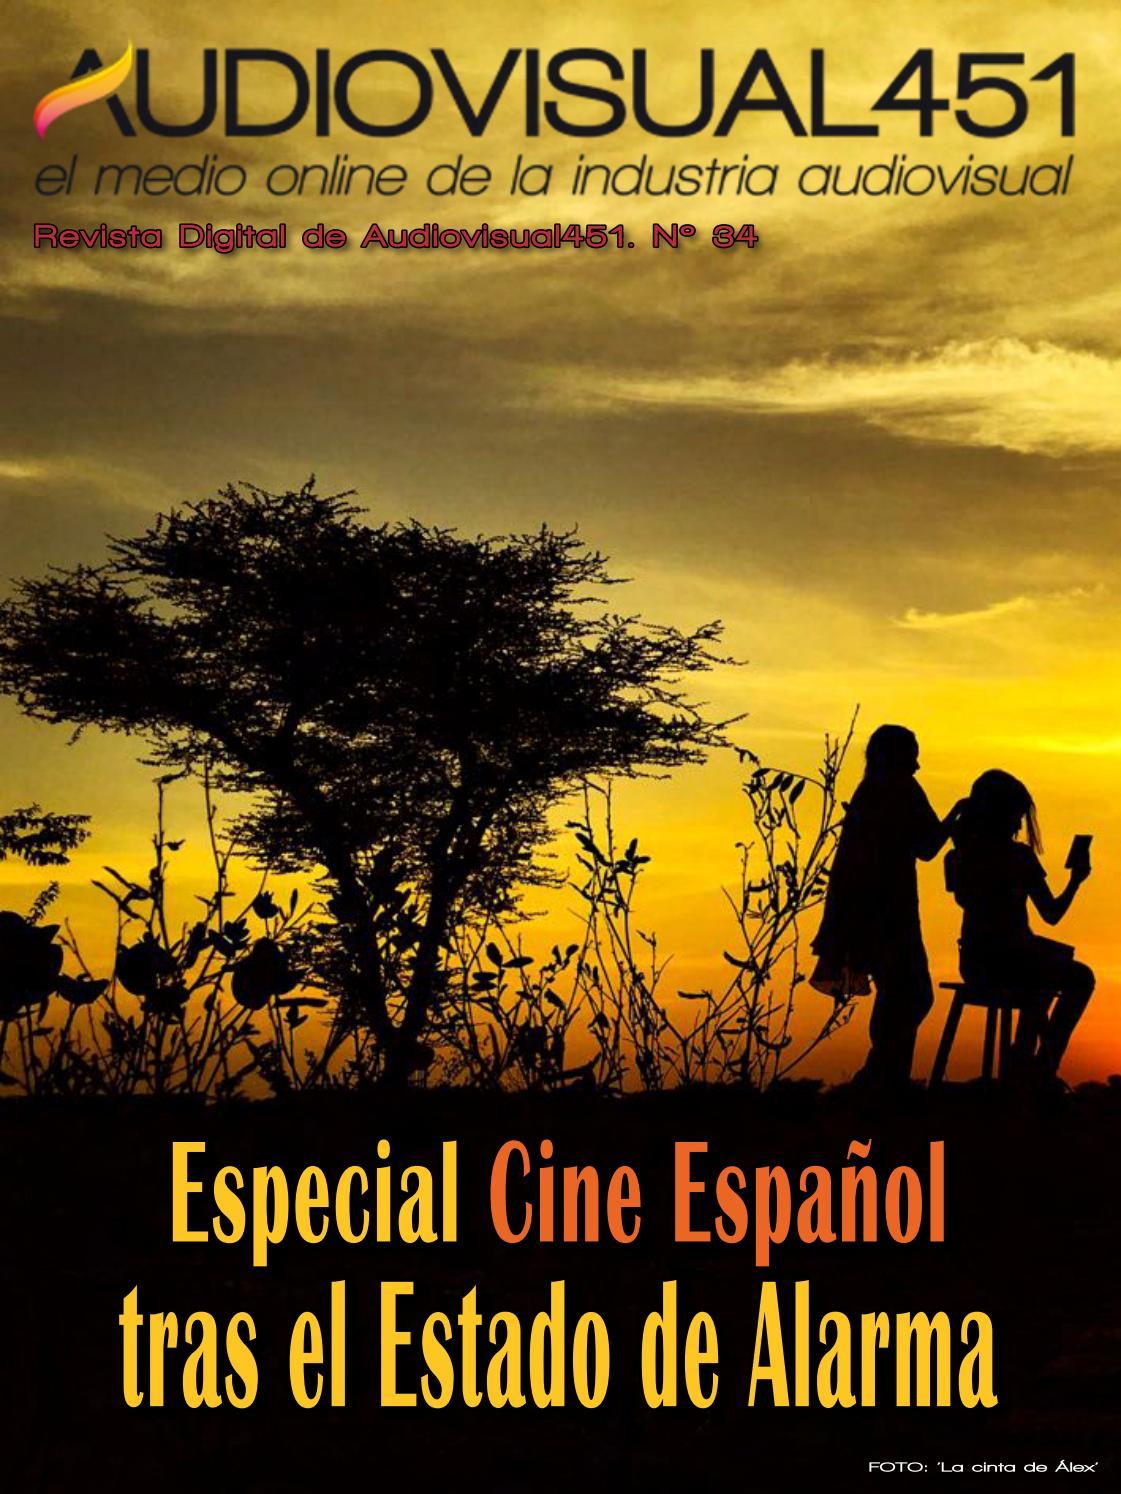 Revista Especial Cine Espanol Tras El Estado De Alarma Audiovisual451 By Audiovisual451 Issuu